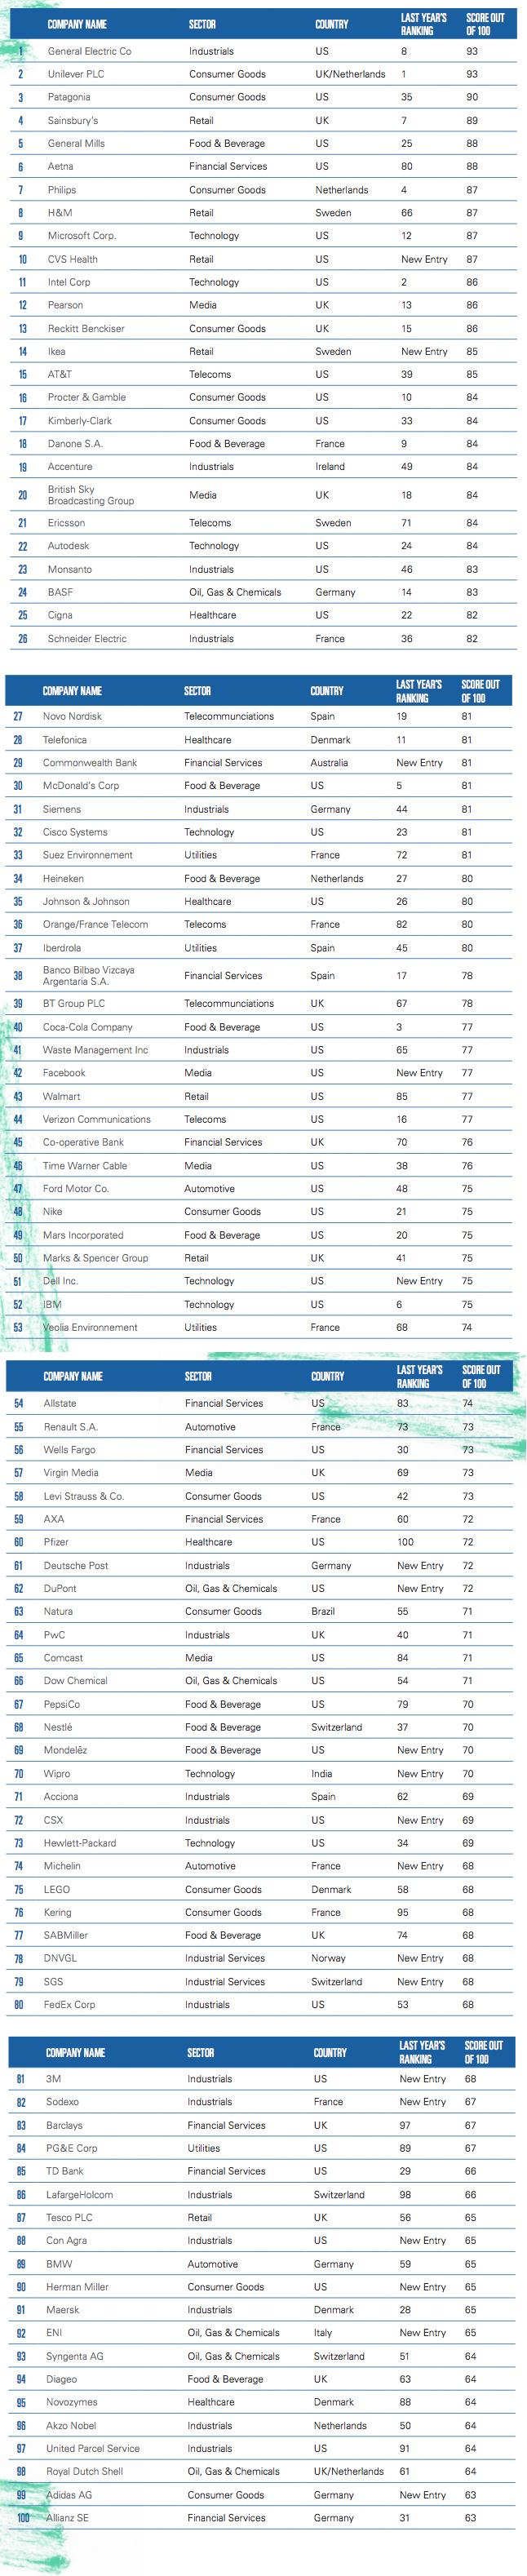 top-100-entreprises-medias-sociaux